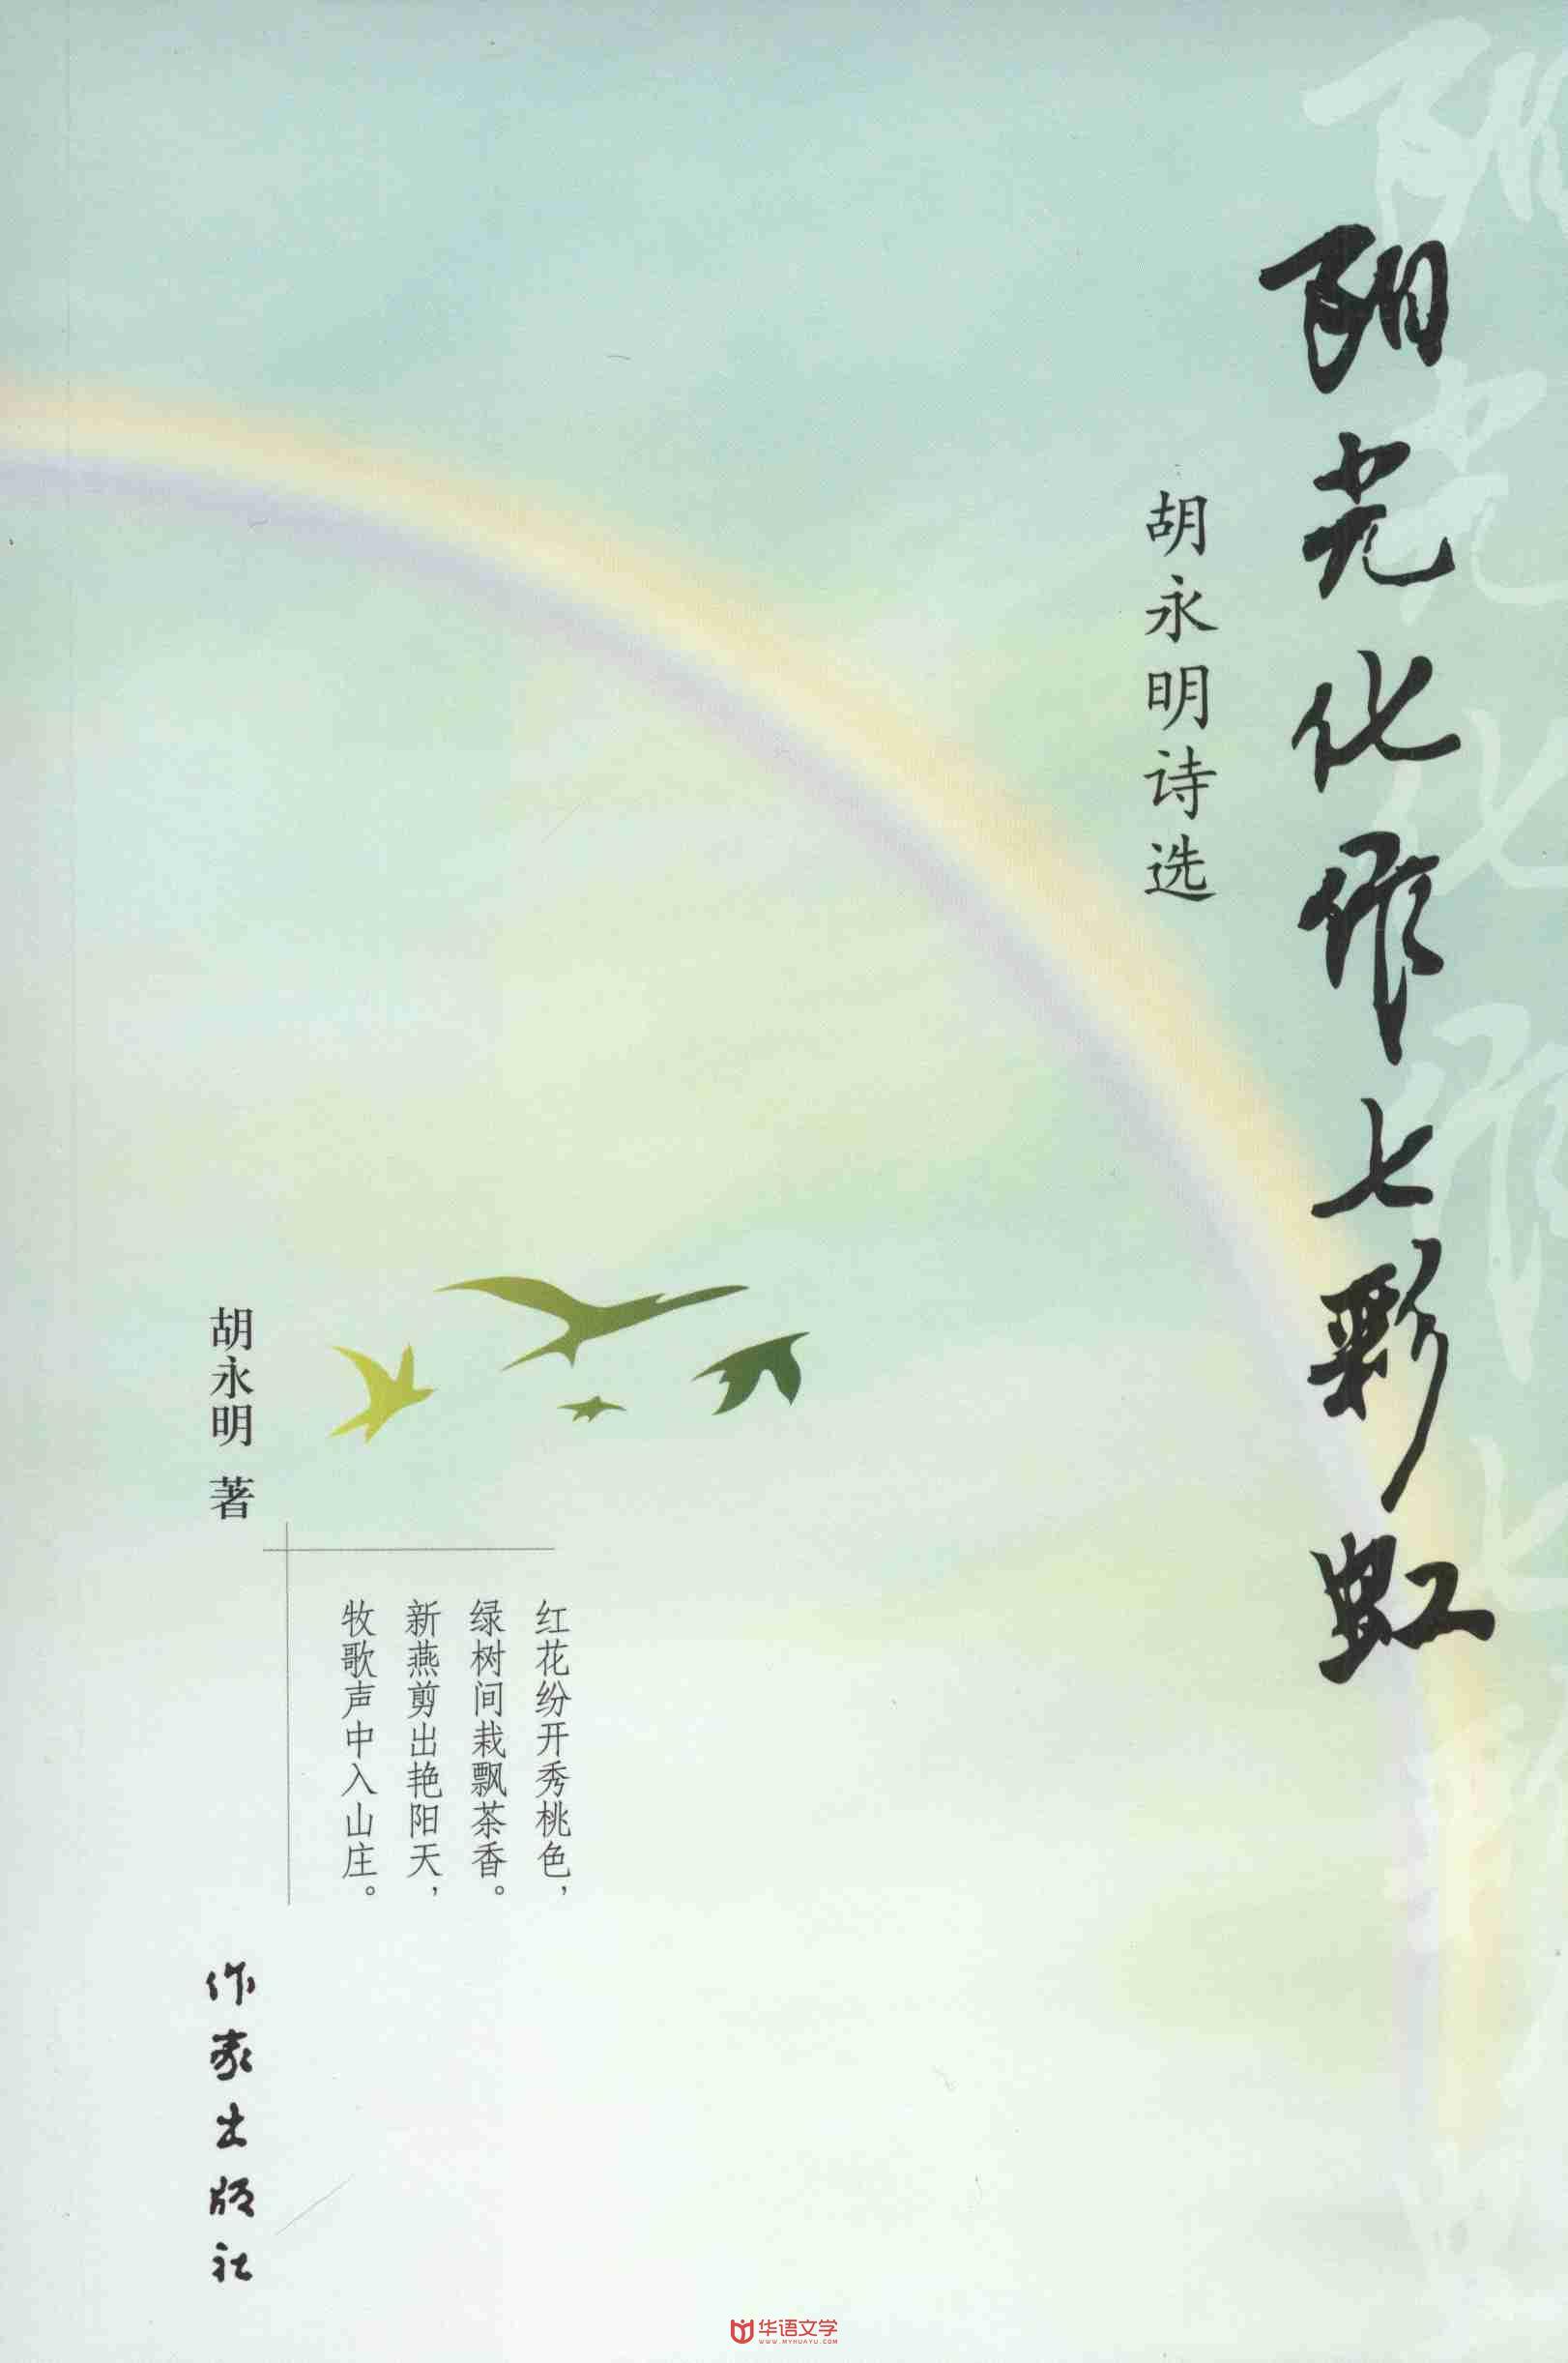 阳光化作七彩虹